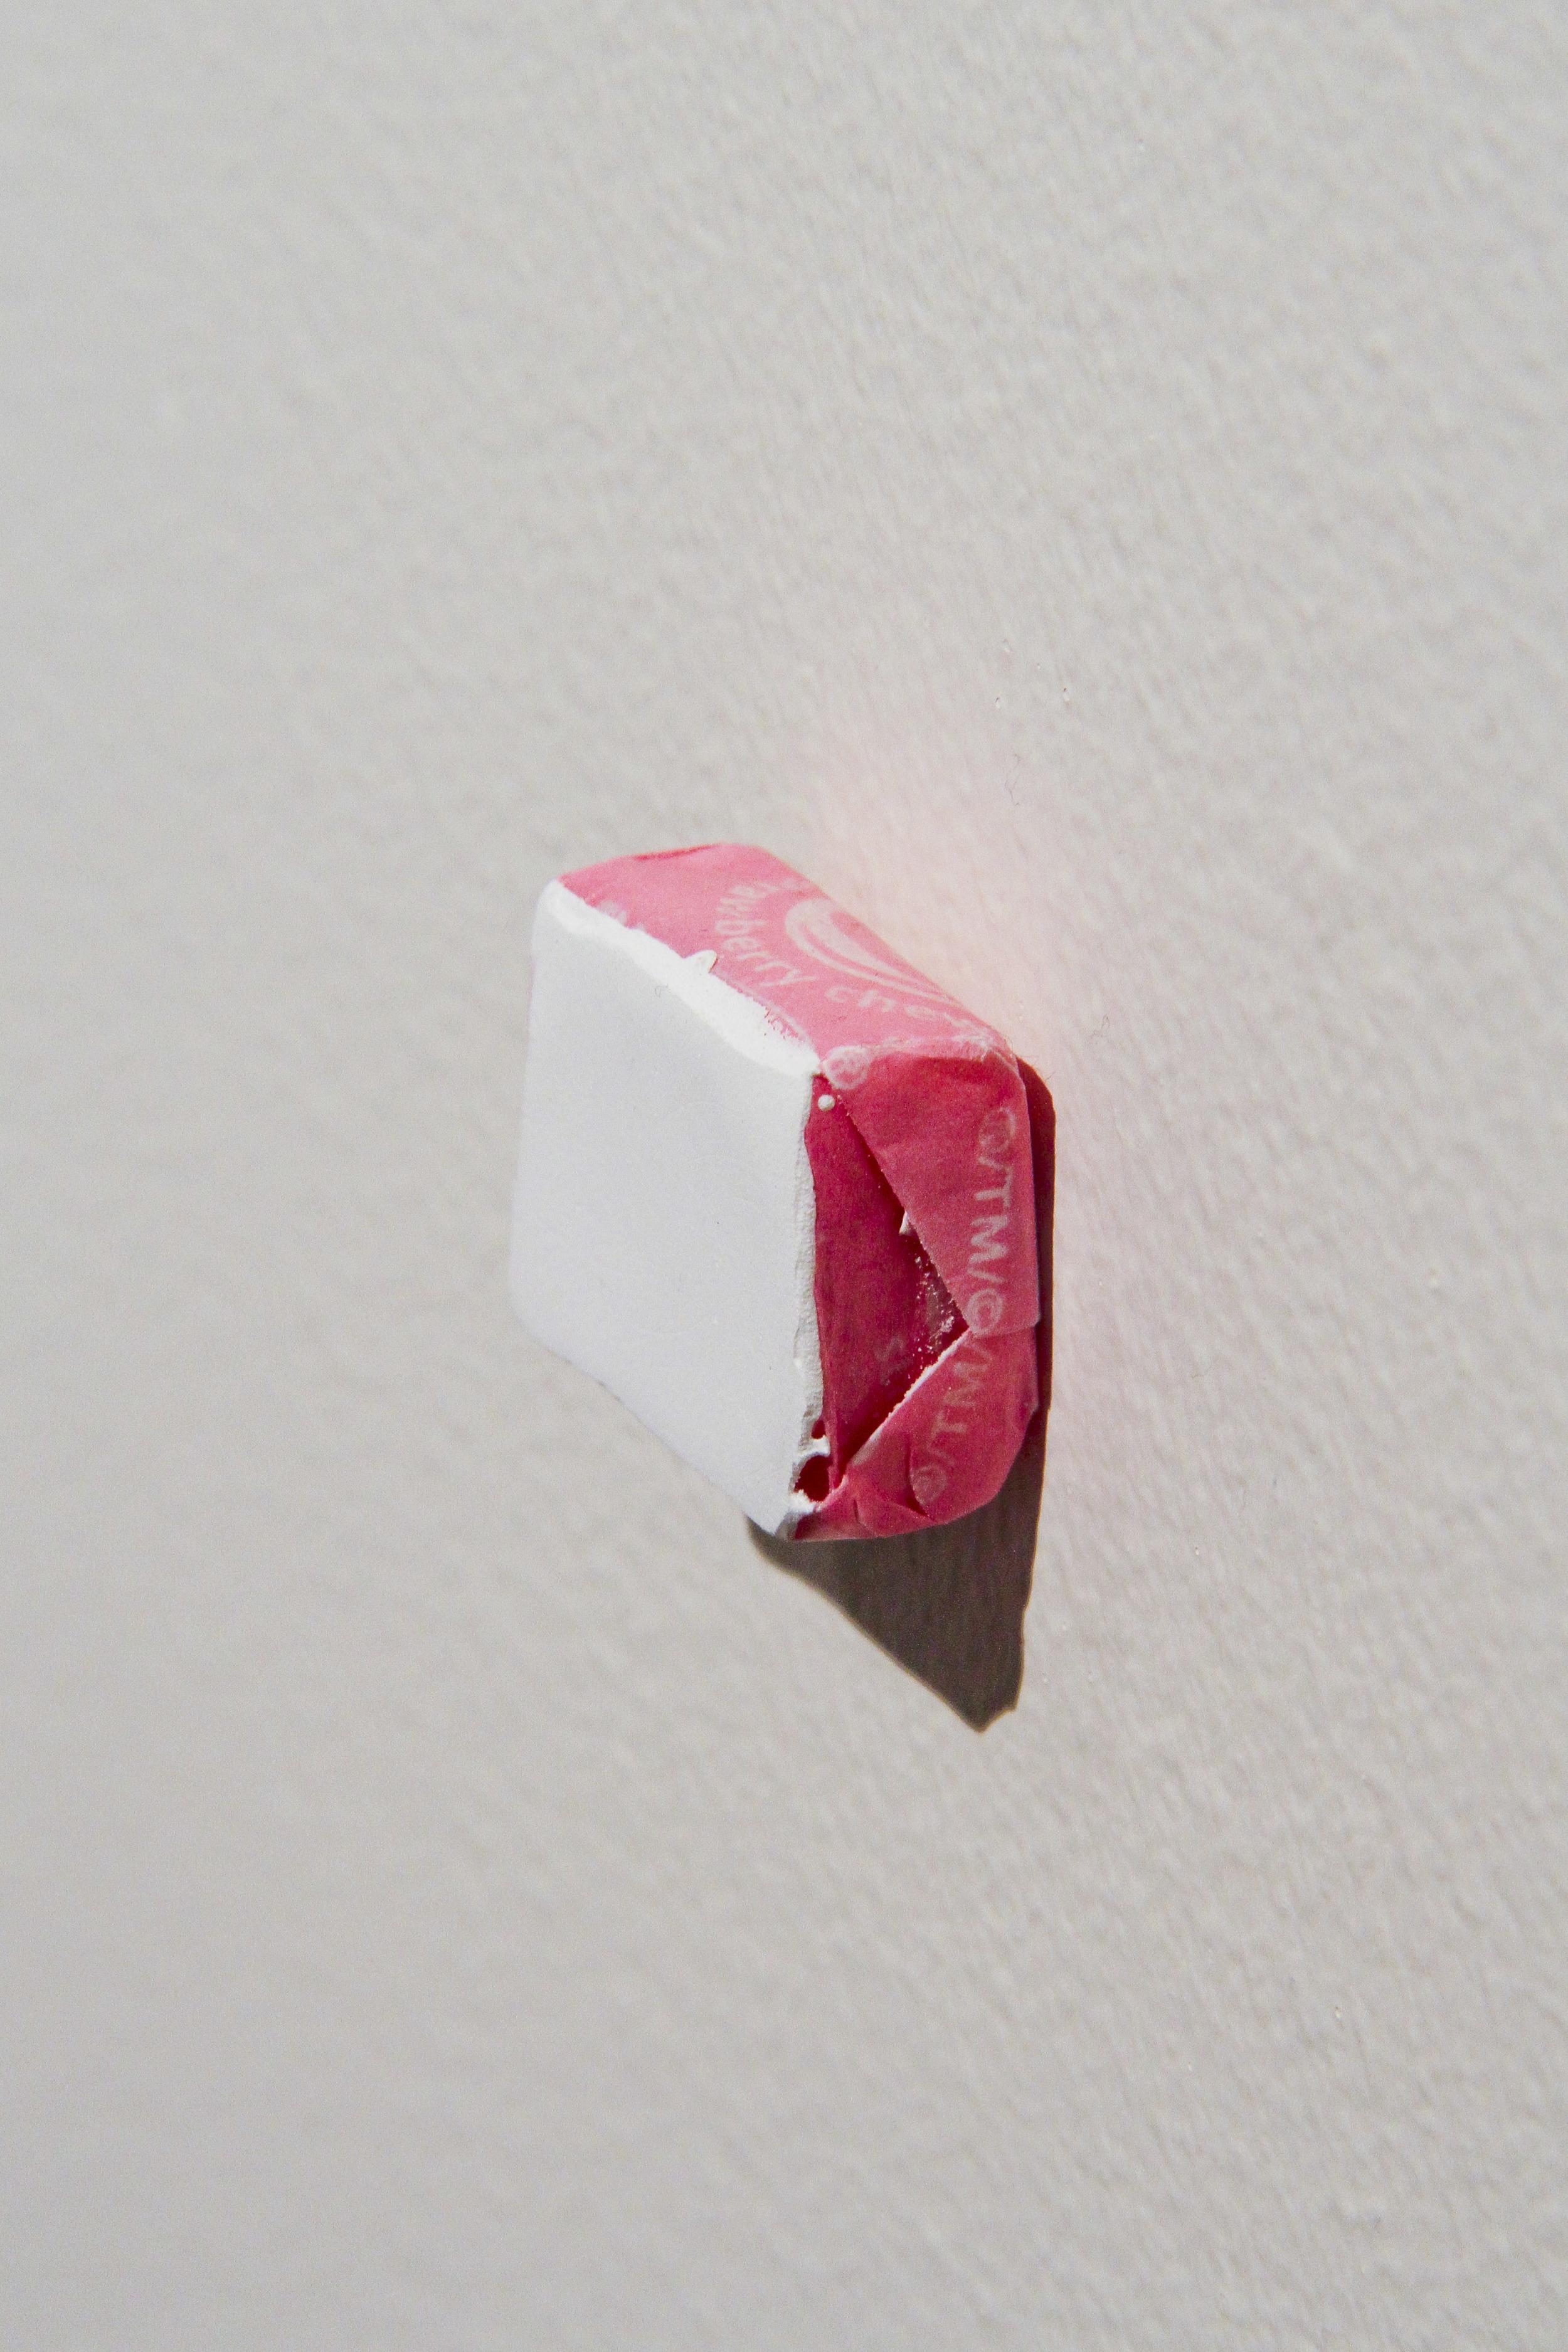 """""""Painting #7"""" - Acrylic on cardboard pizza box -2011 - 1.5 x 1.5 x 0.5"""""""